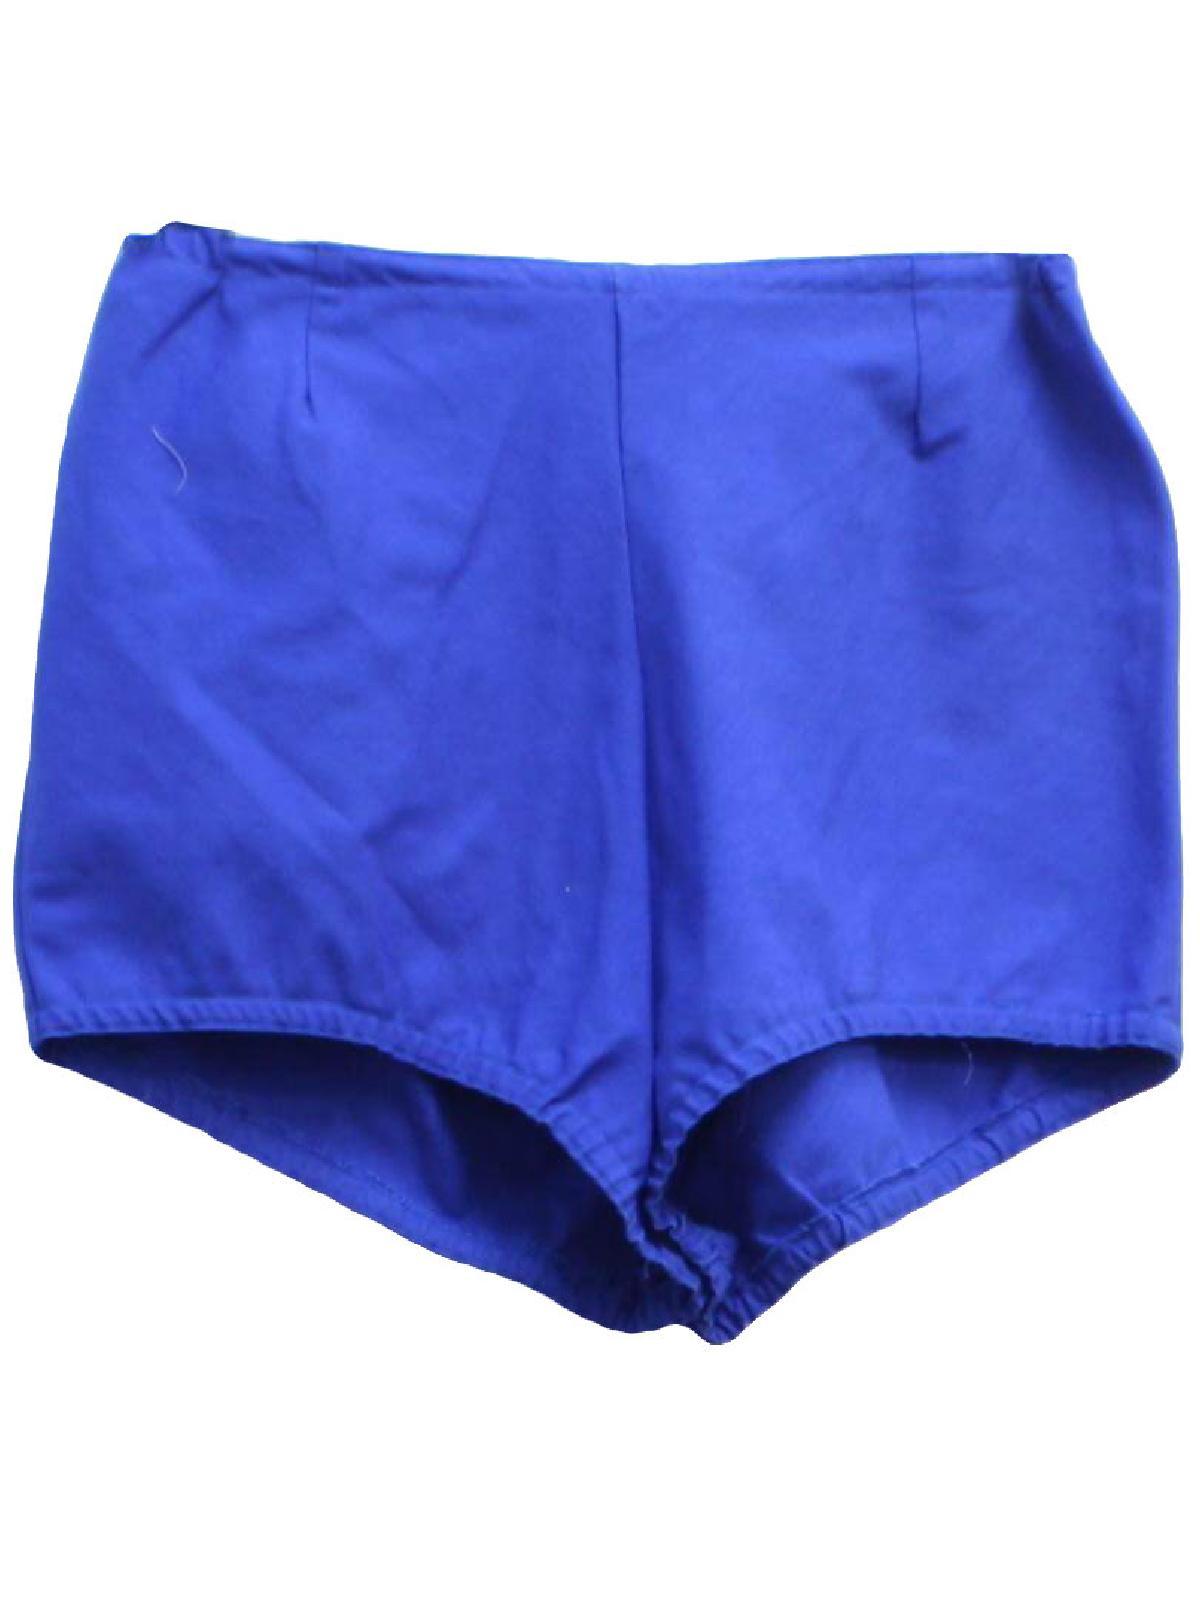 Short Blue Shorts